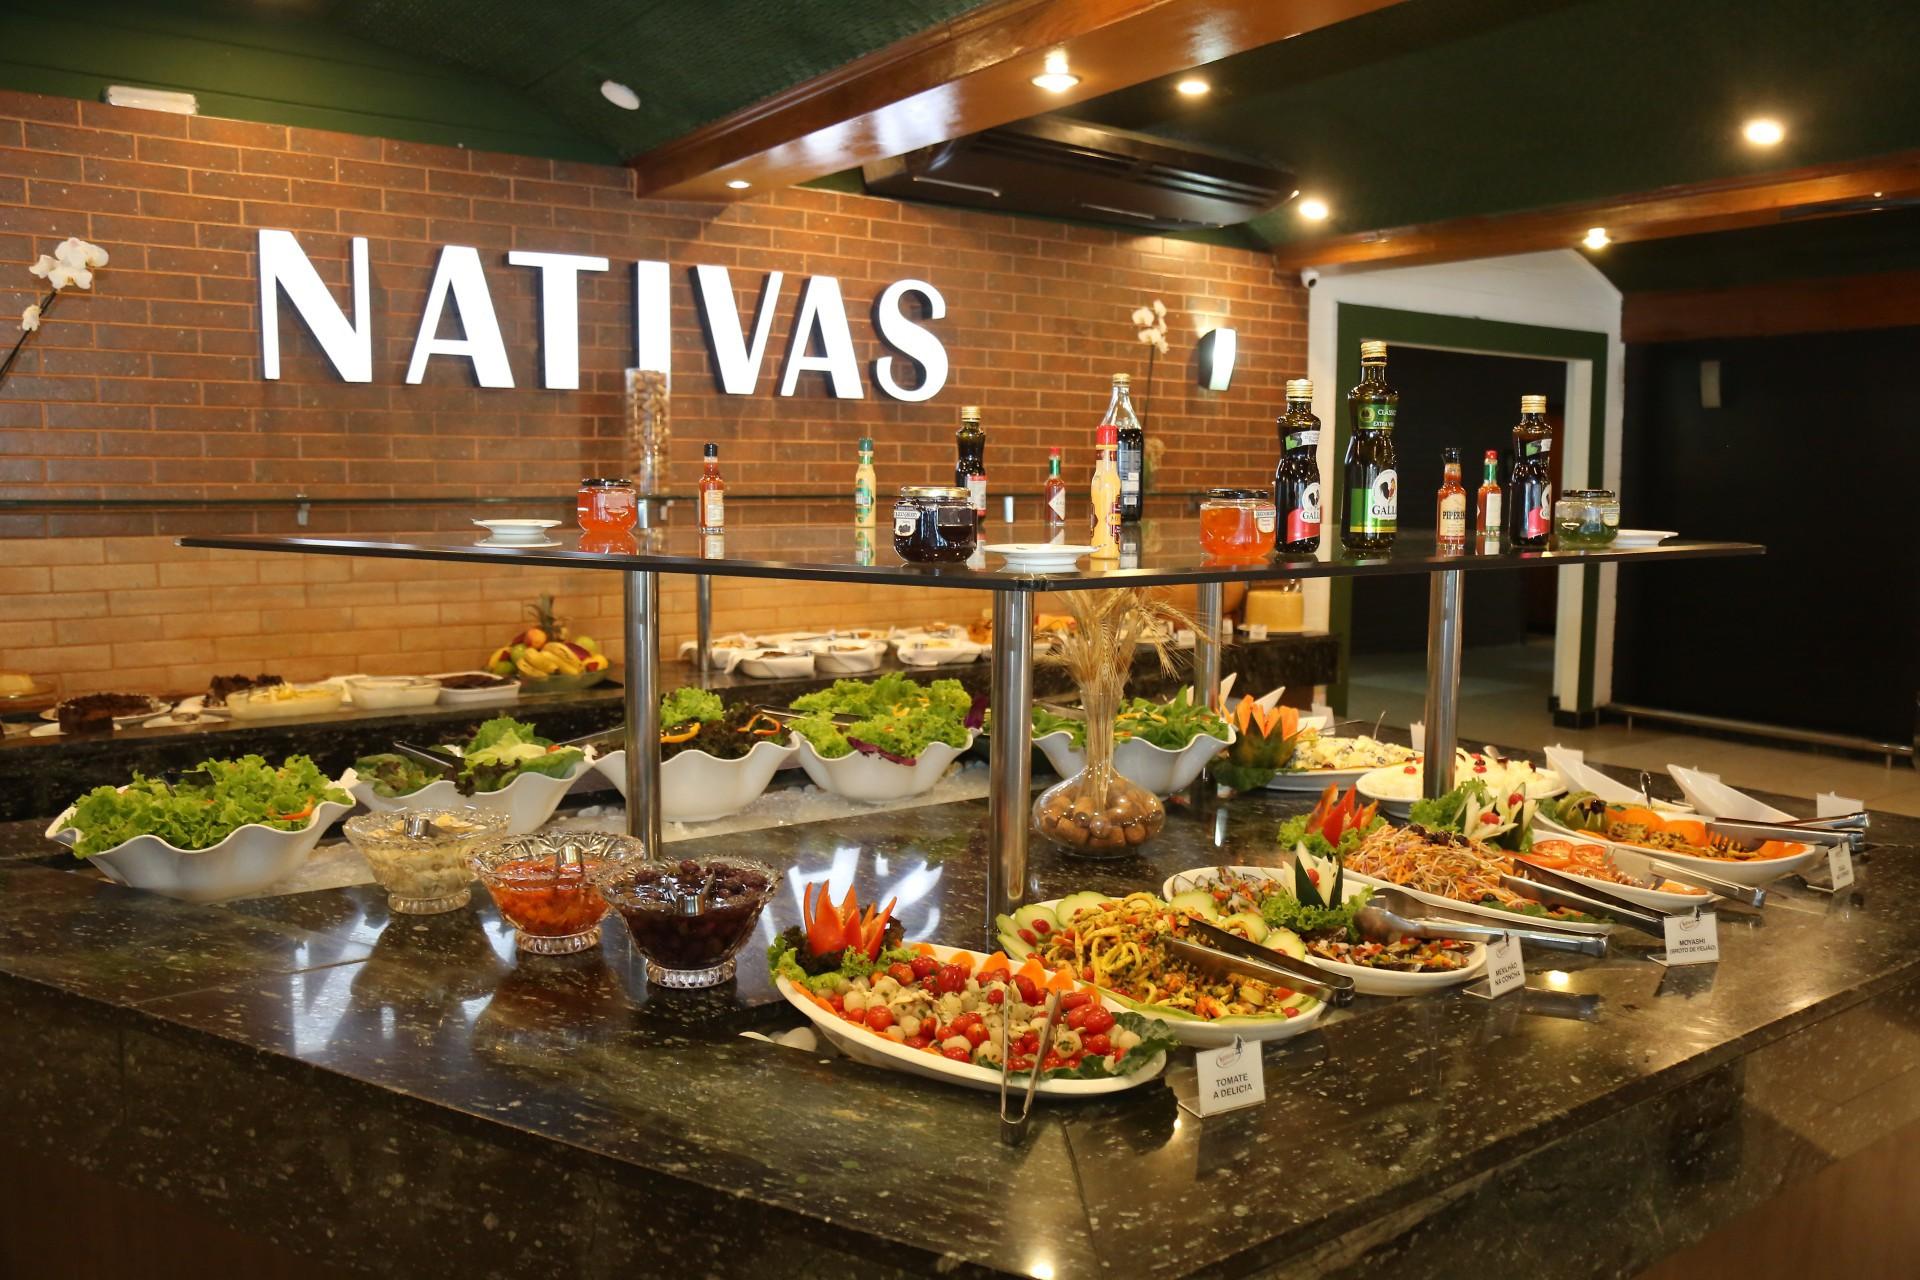 Nativas Grill chega a Fortaleza, na avenida Dom Luís. Em sistema rodízio são mais de 25 cortes de carnes nobres, além de sushis, massas, saladas e 20 tipos de pratos quentes